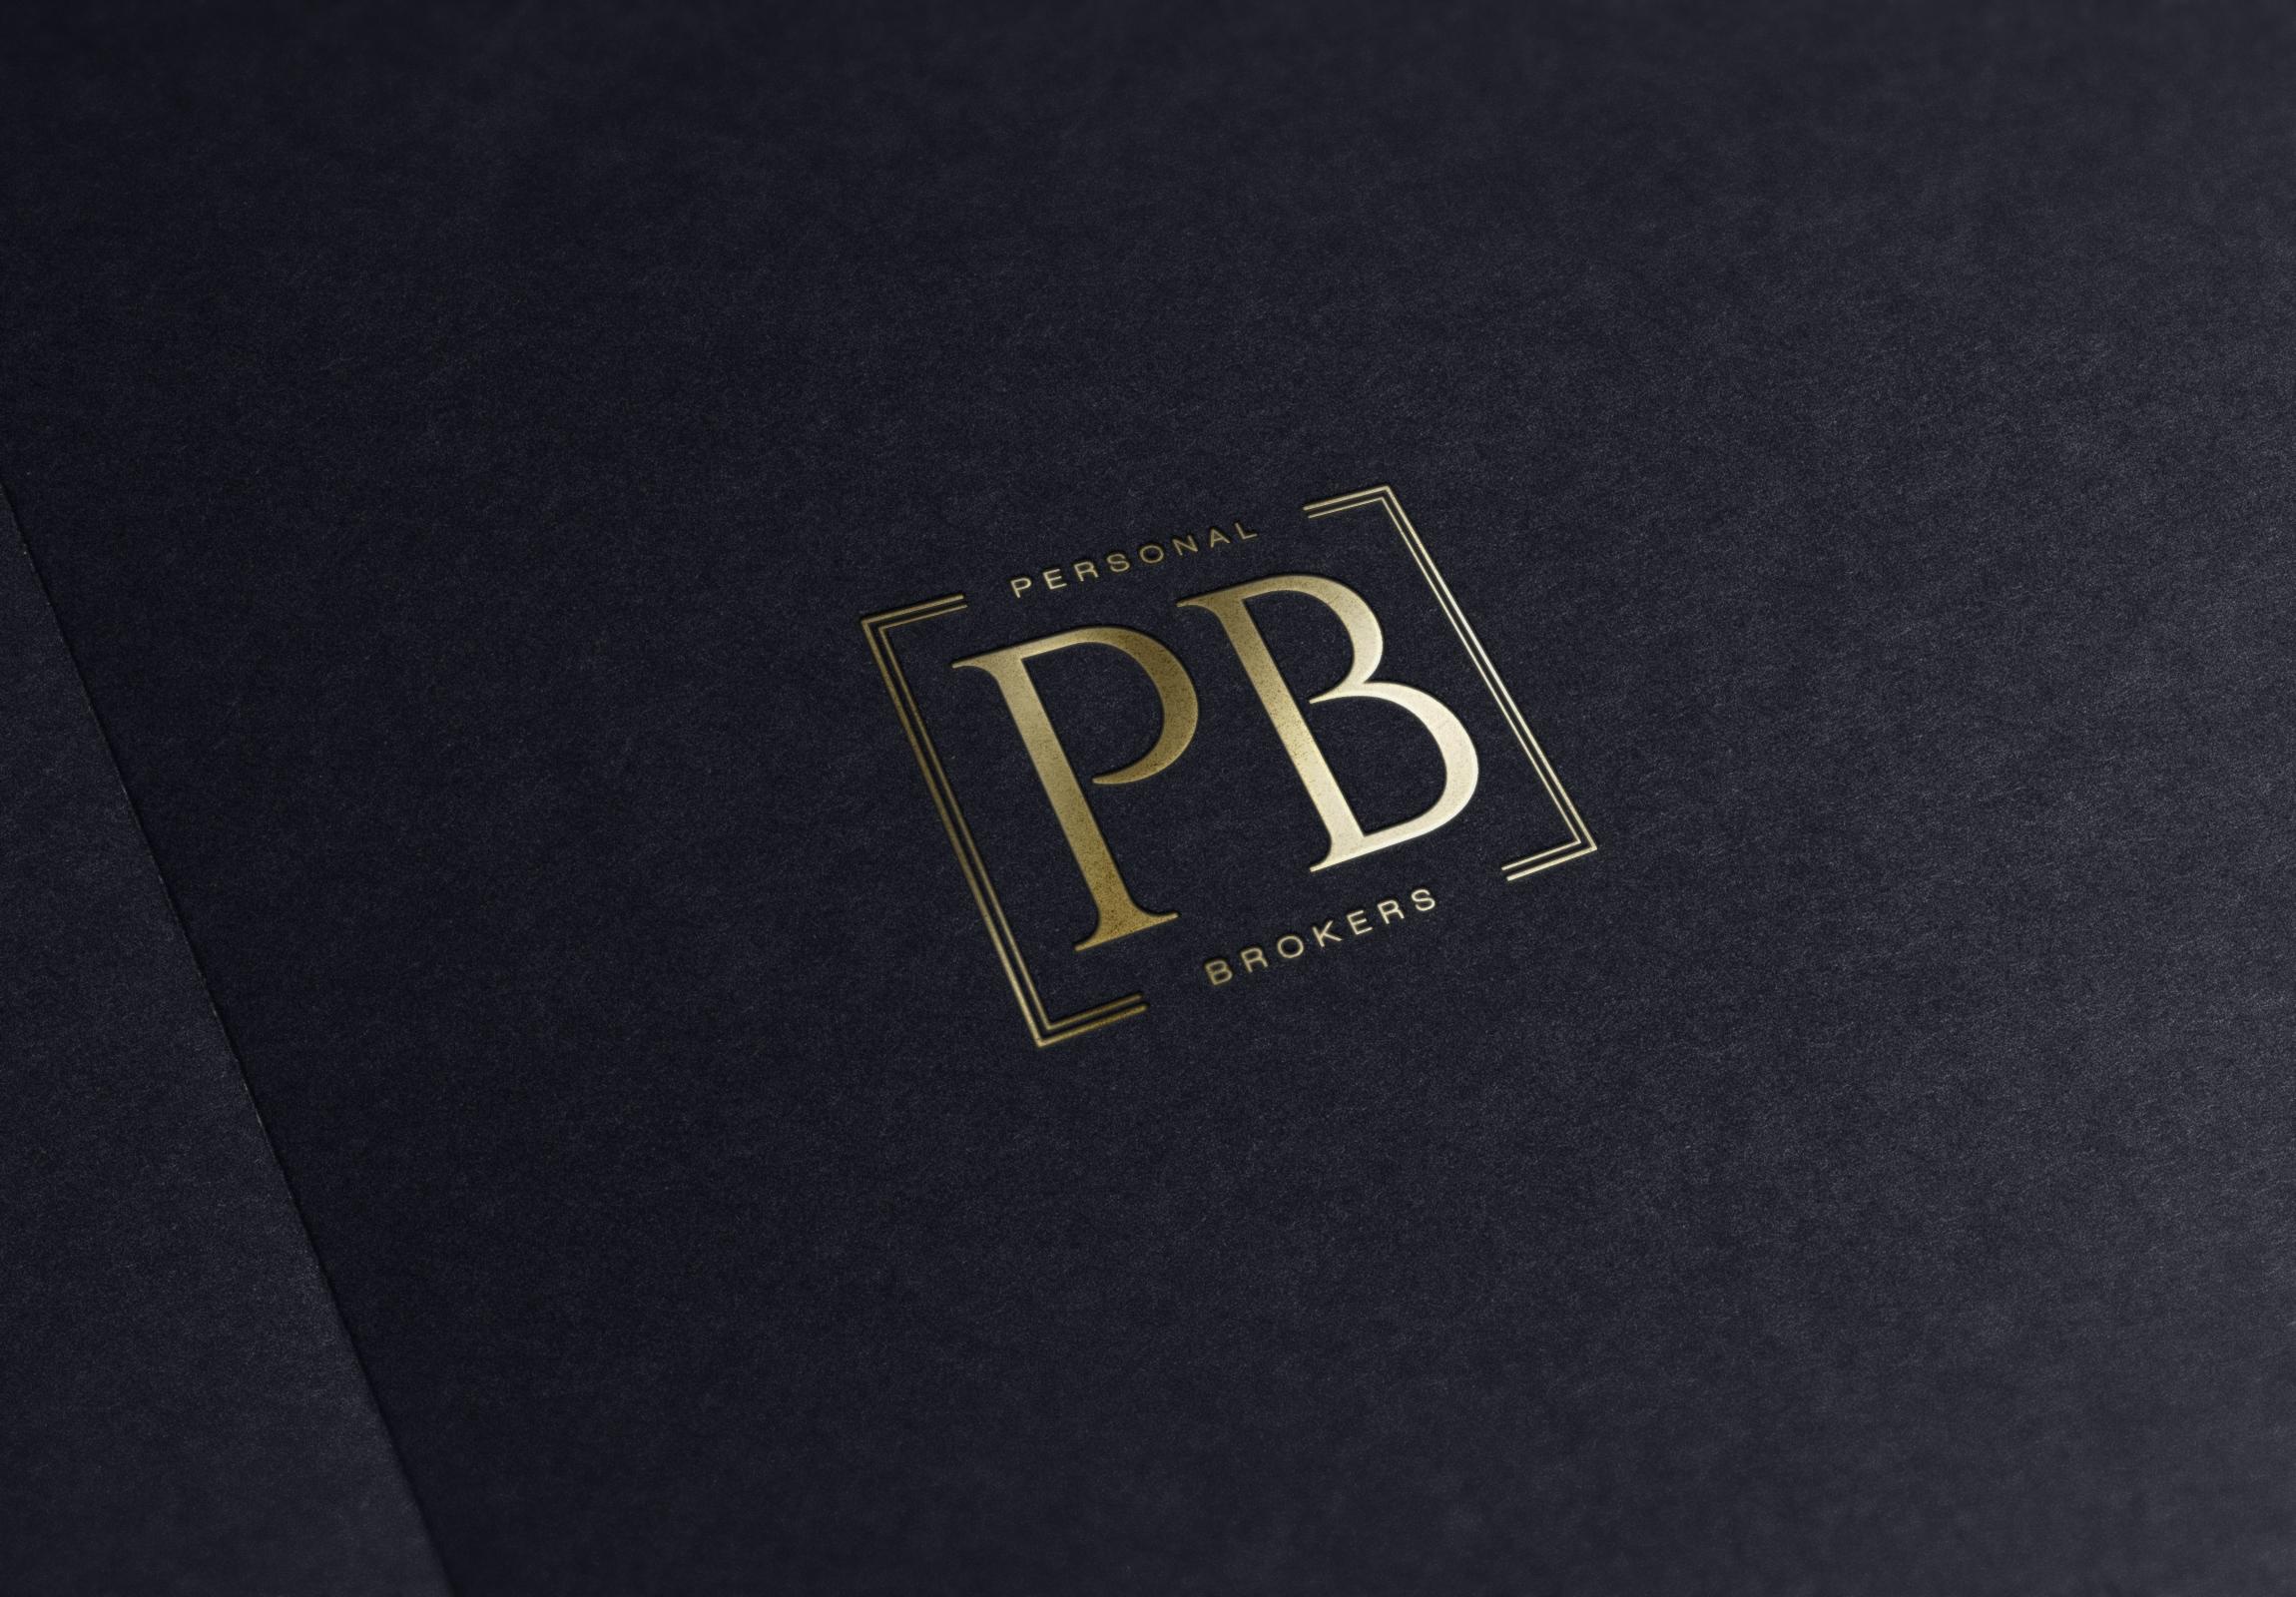 Personal Brokers 1.jpg